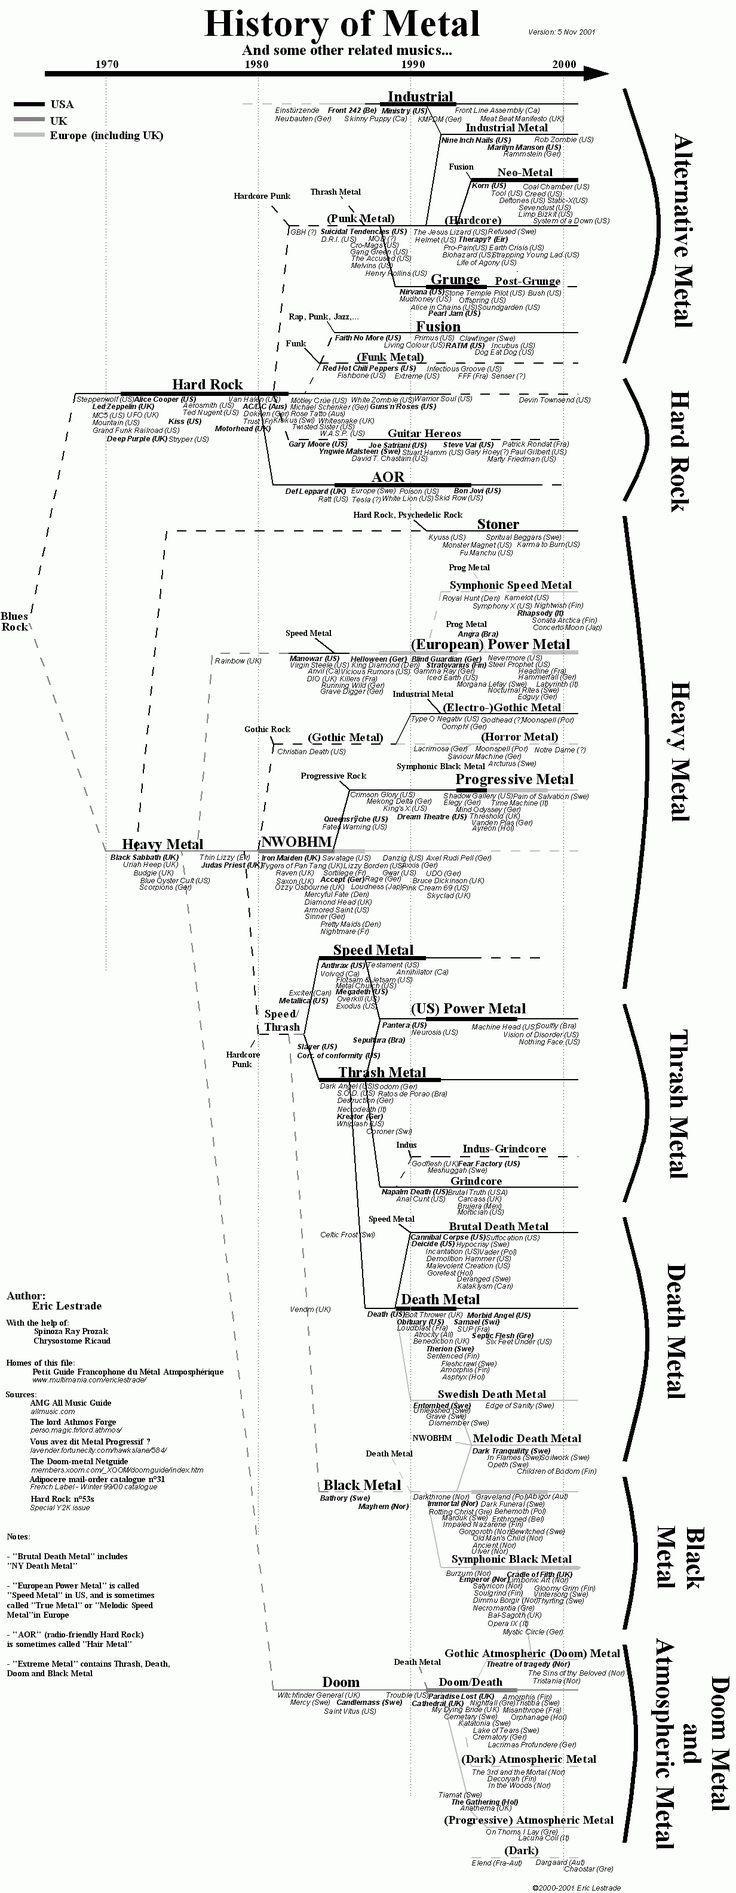 L'histoire du métal à travers les années, intéressant!